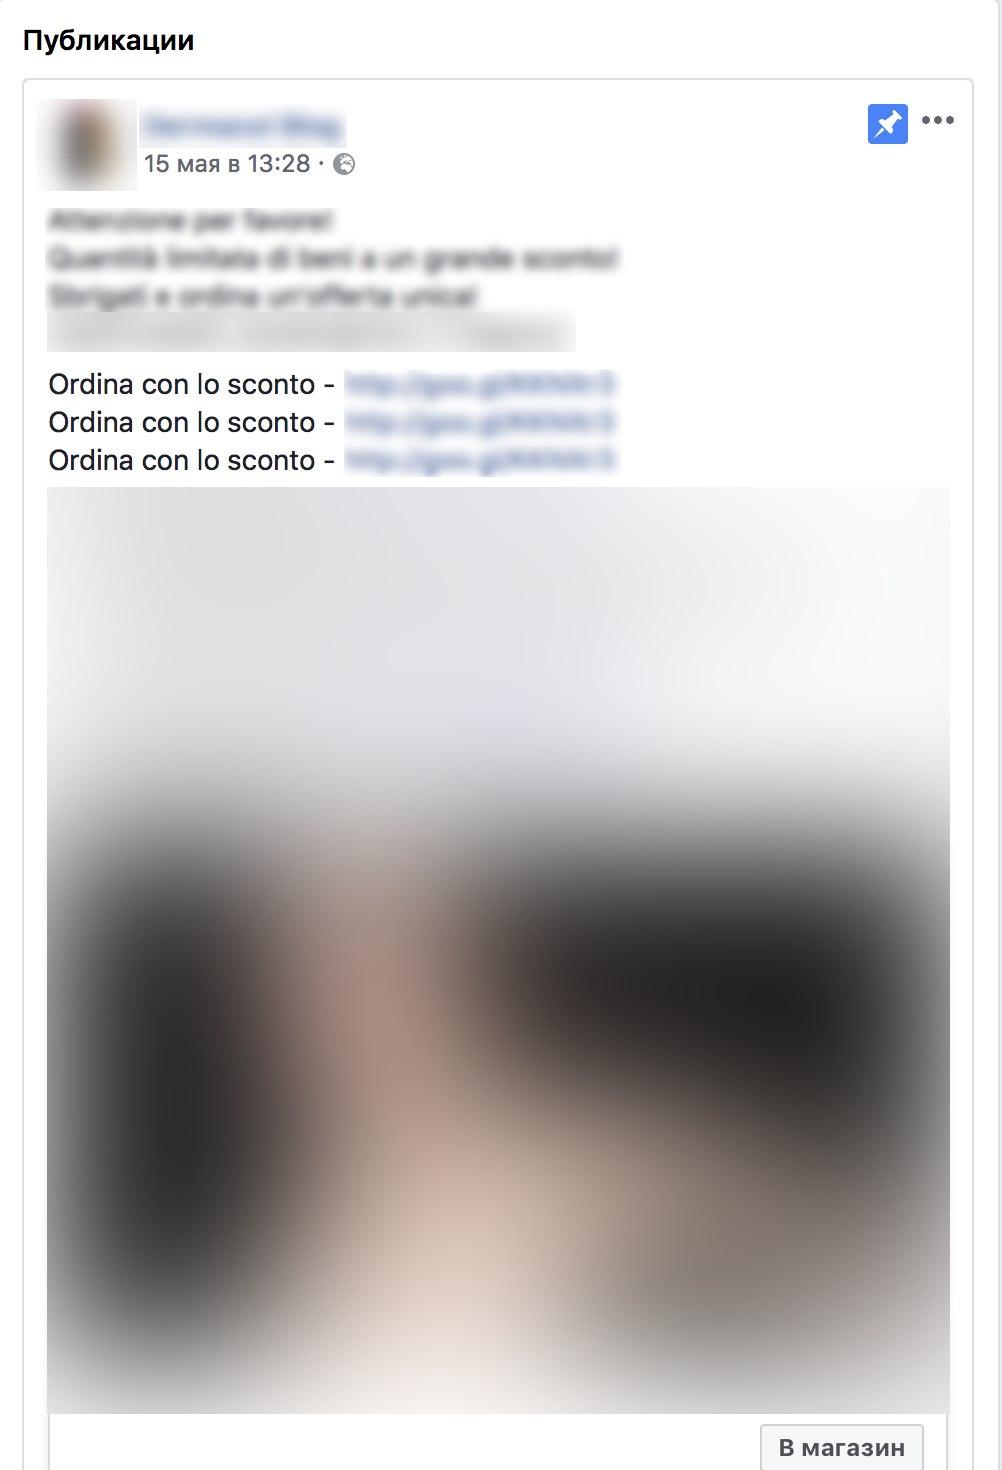 Фишки, которые увеличат конверсию в Facebook в 2018 году